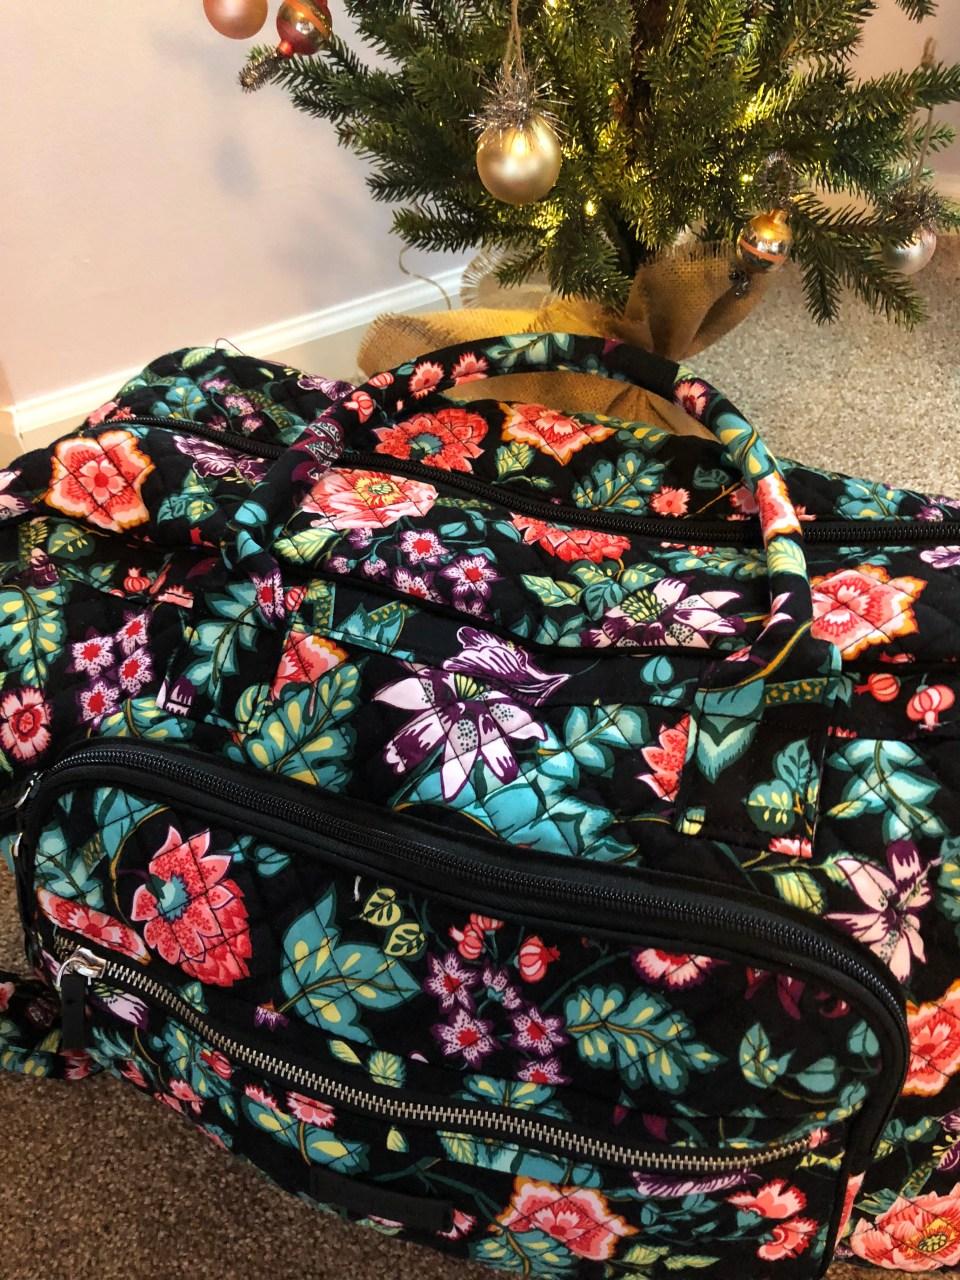 Vera Bradley - Iconic Weekender Travel Bag 4